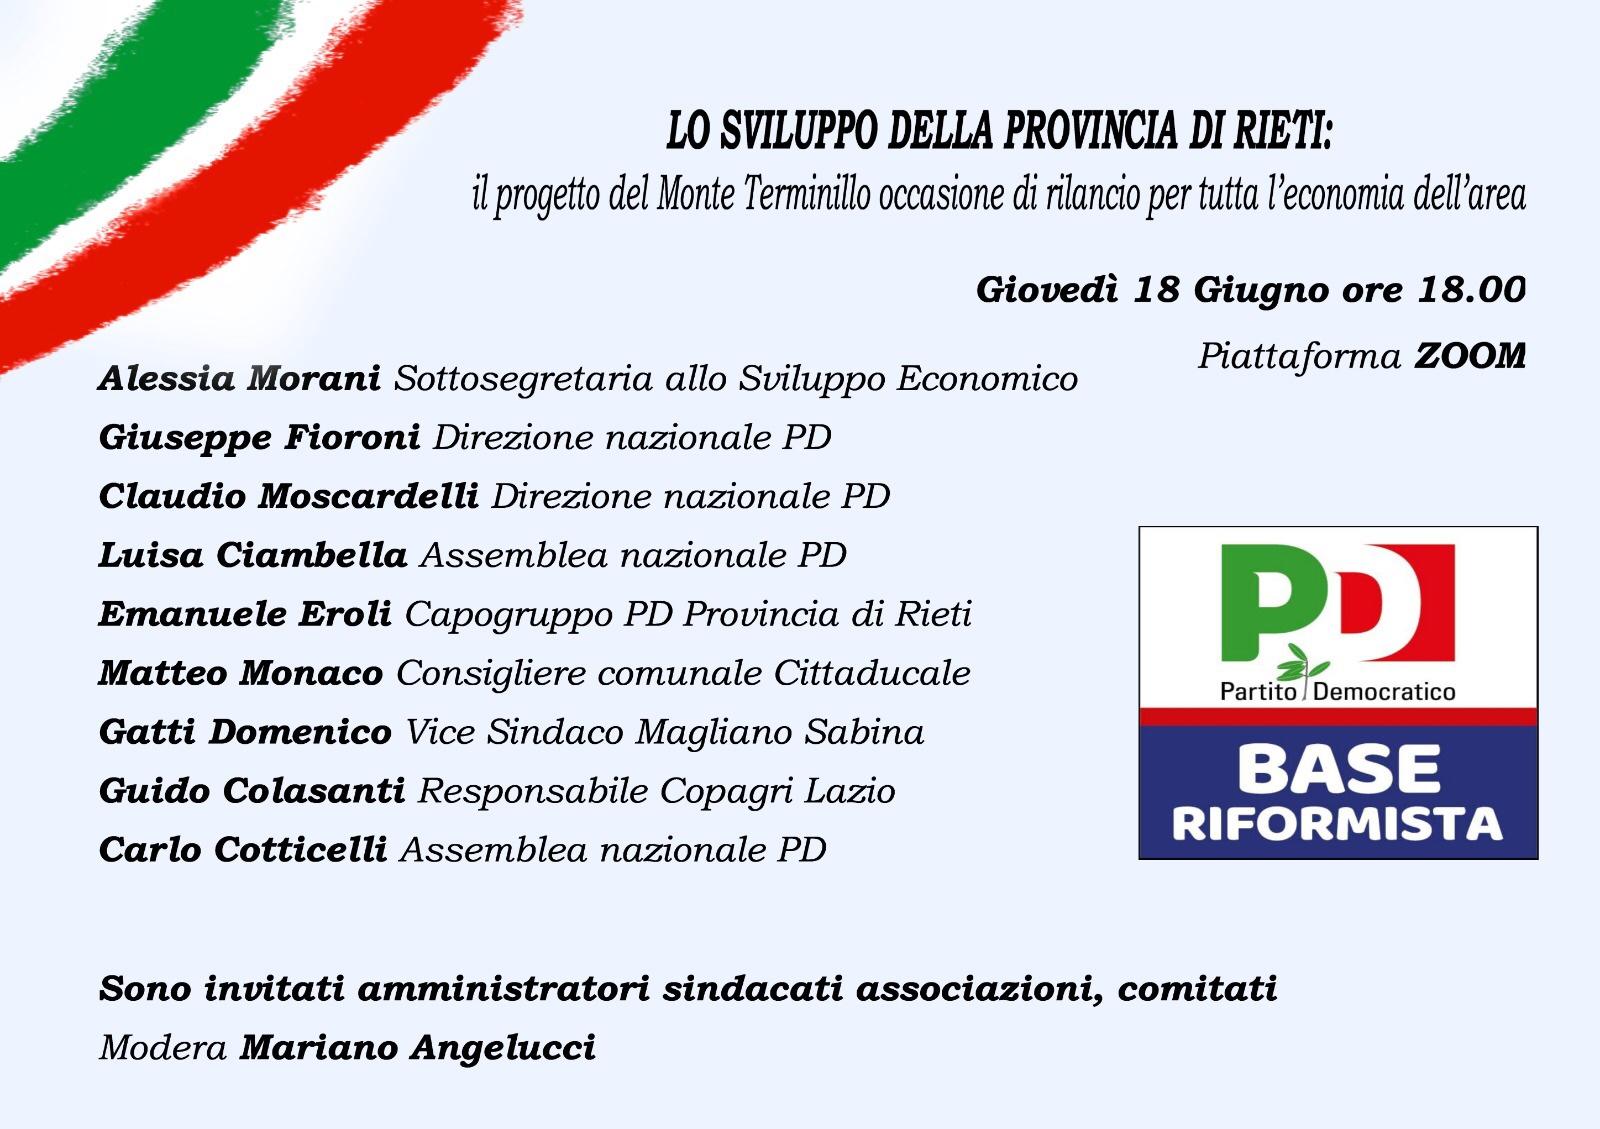 """Monte Terminillo - Eroli/Monaco: """"dallo sbocco del progetto dipende il futuro dell'economia del reatino"""""""